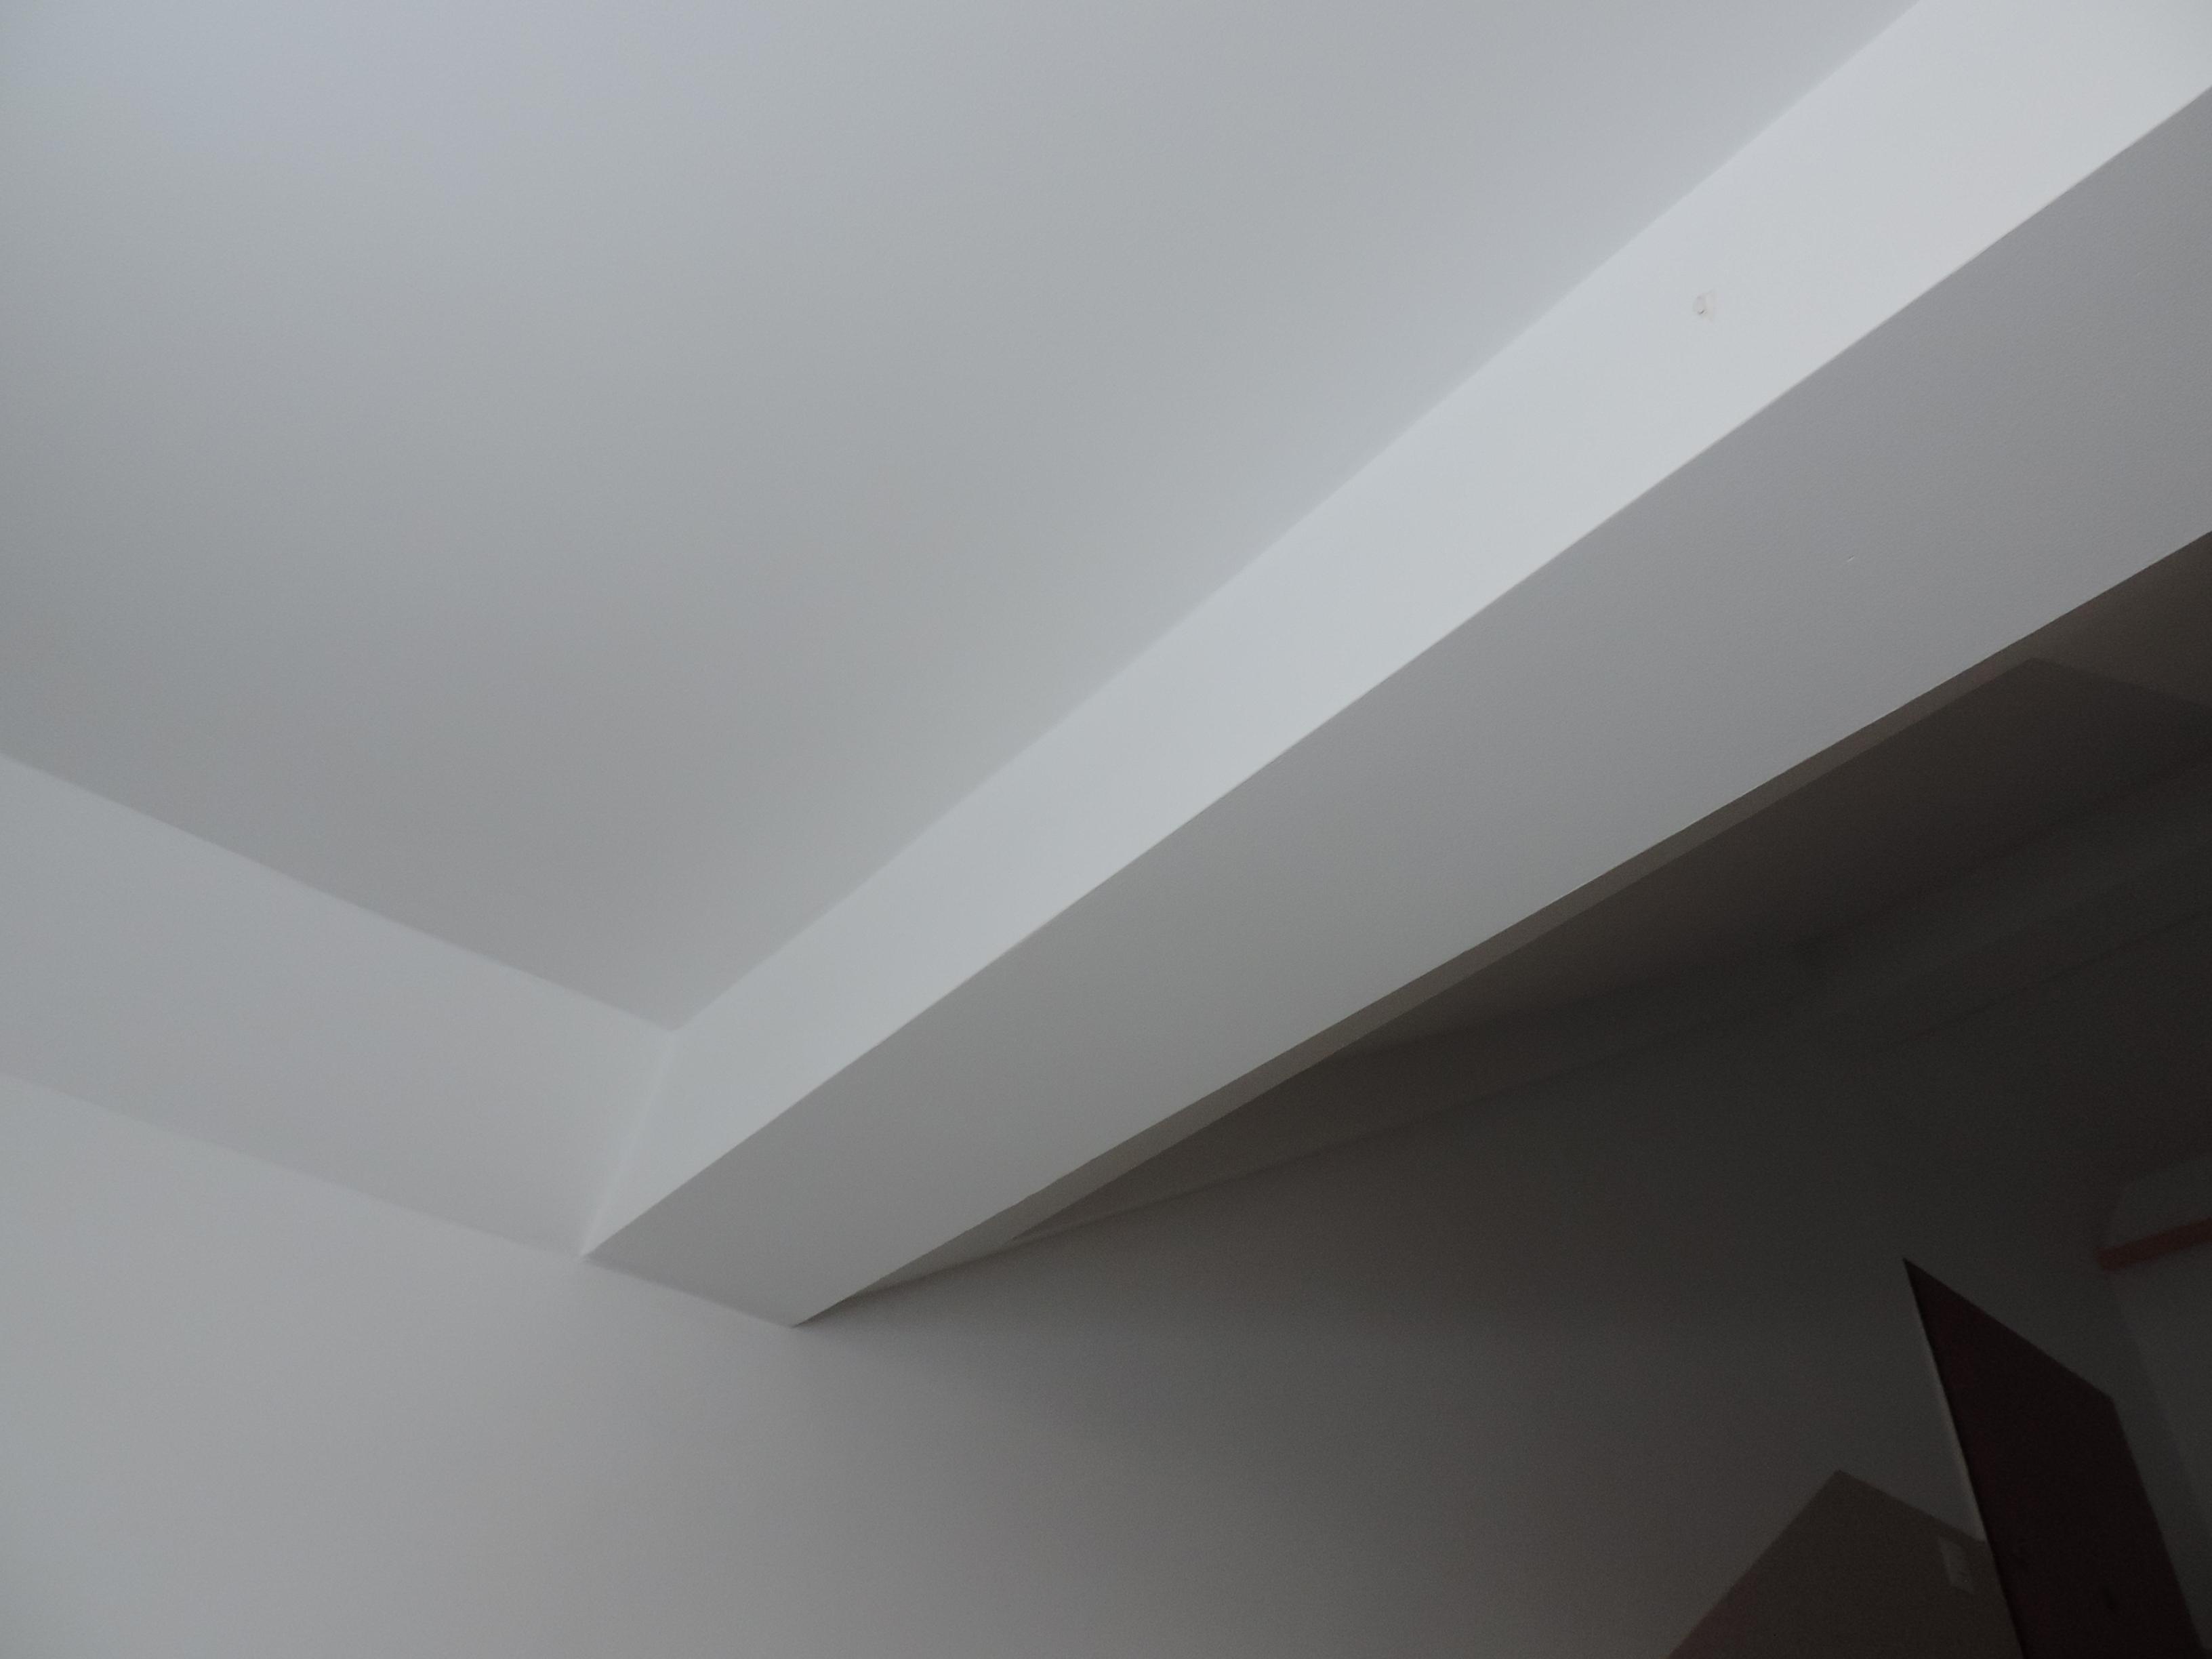 sufit po położeniu gładzi i malowaniu, farba biała Tikkurila